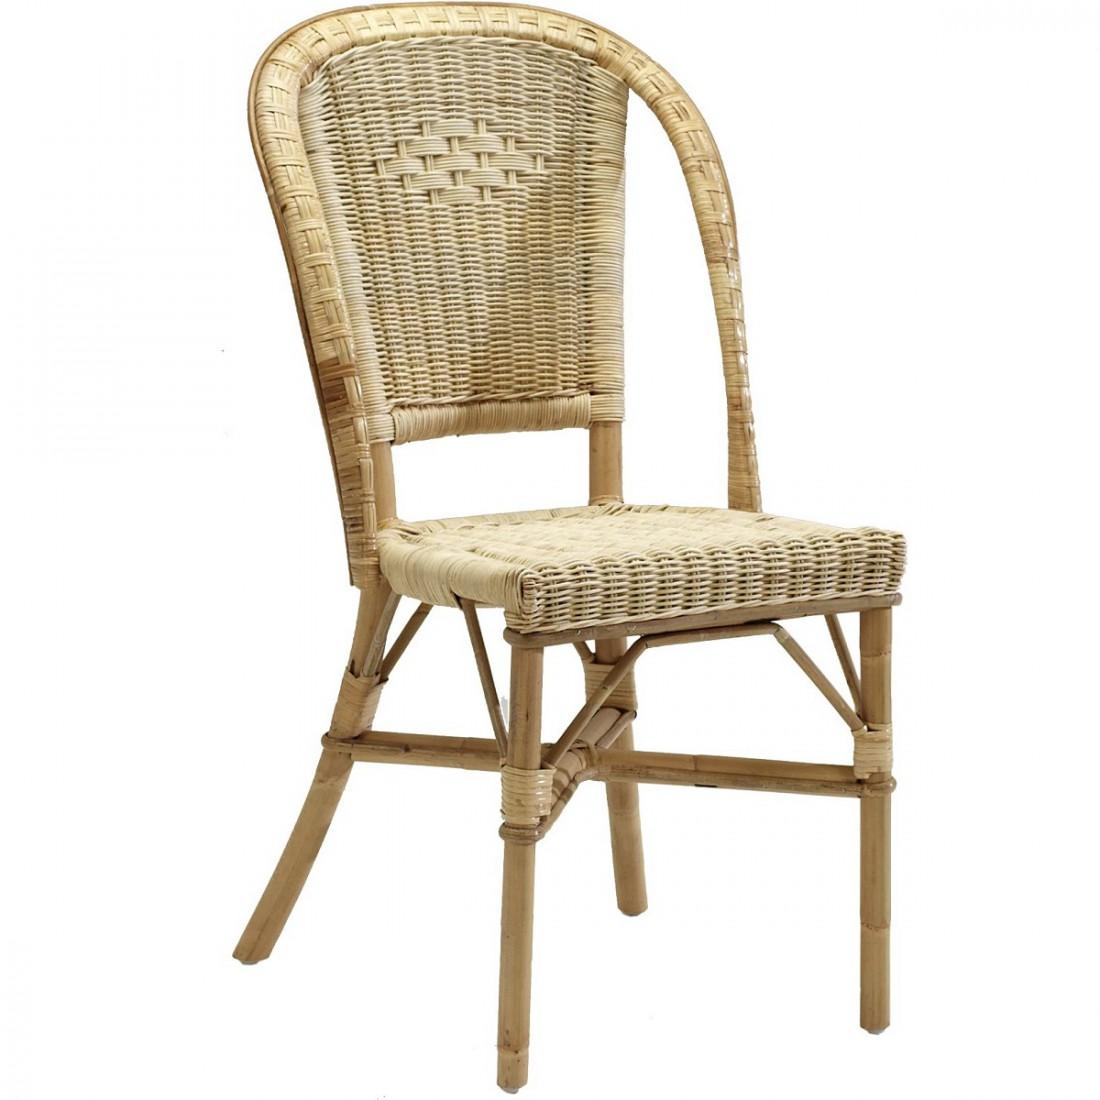 Chaise rotin naturel albertine - Chaise rotin ...